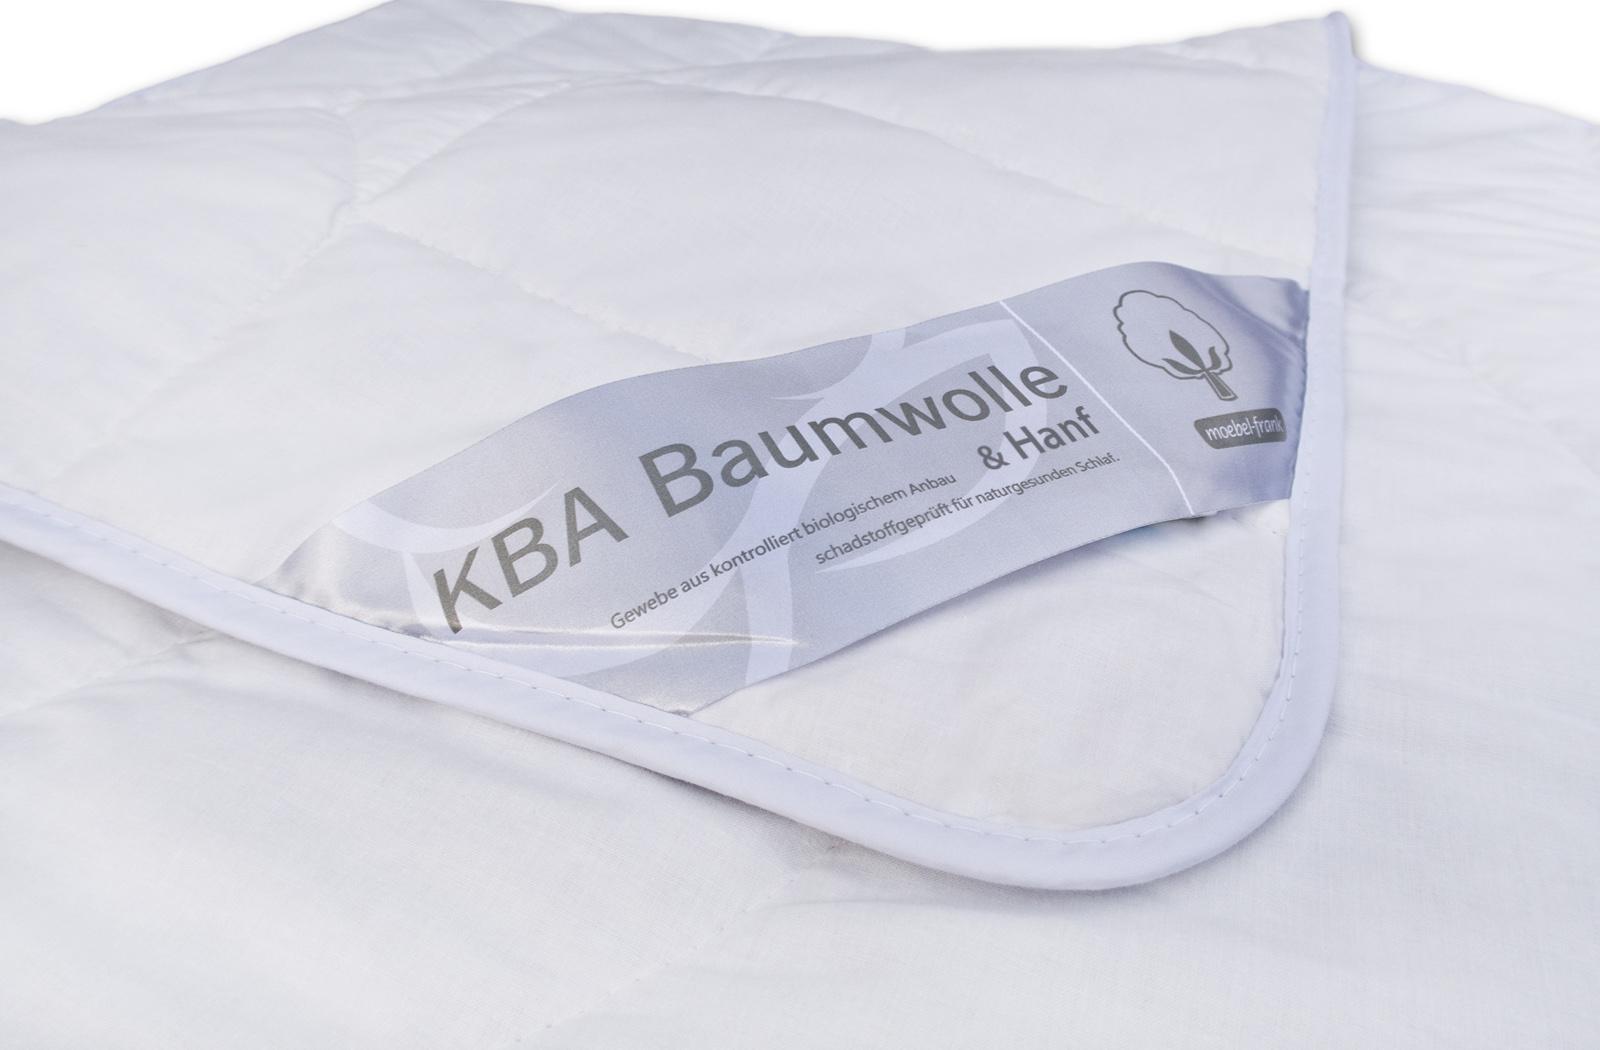 Bettdecke Sommer Hanf Bio Baumwolle kbA Sommerbett Steppbett – Bild 2